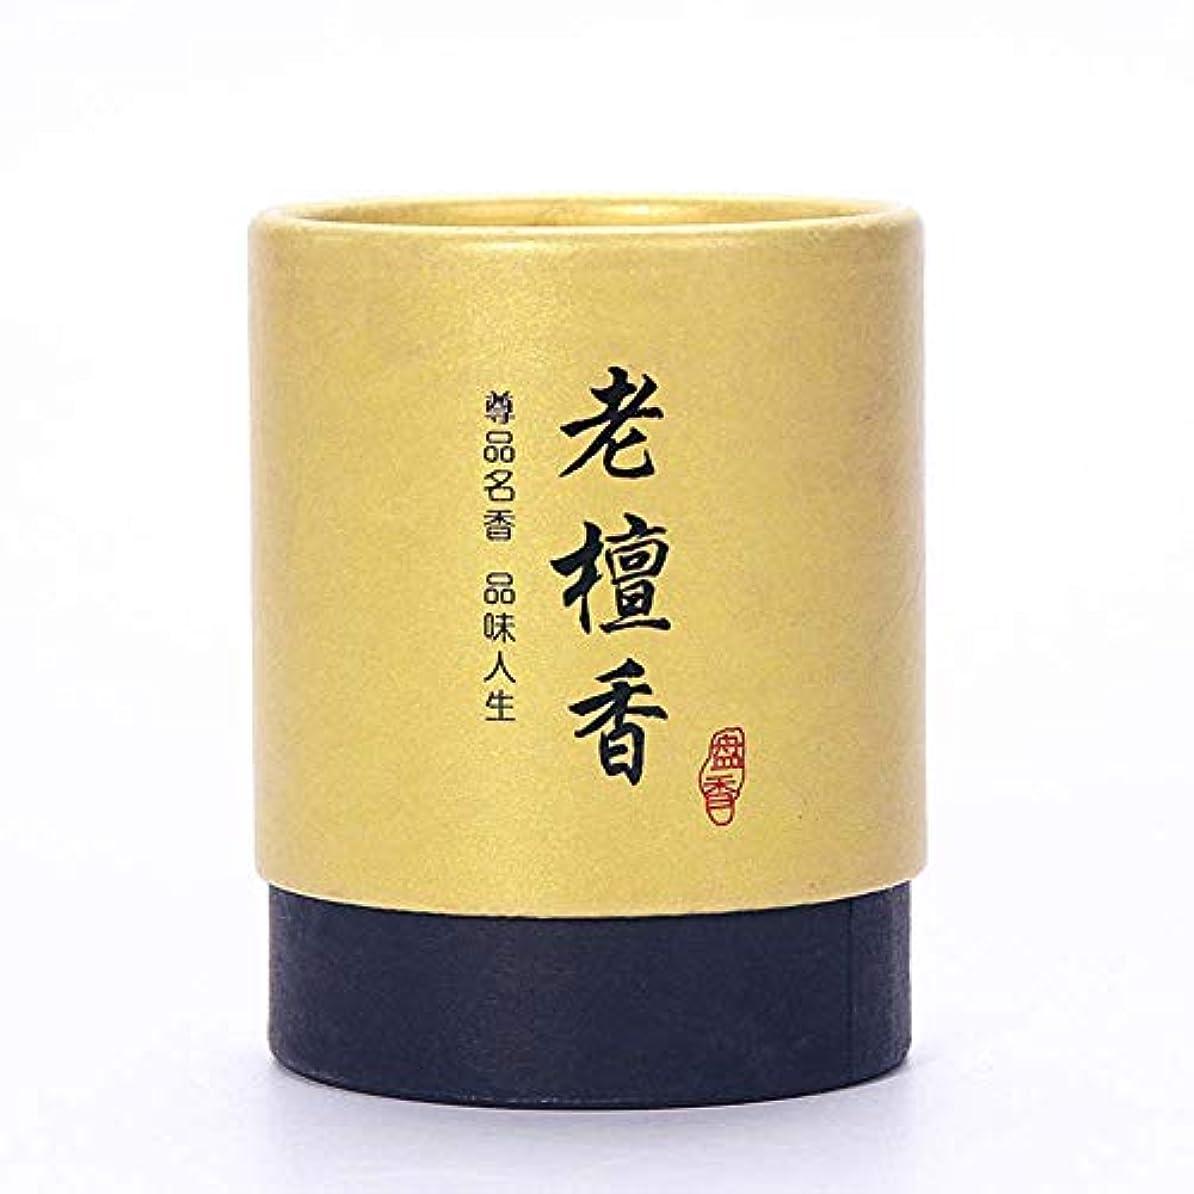 荒廃する雇ったプレフィックスHwaGui お香 ビャクダン 2時間 盤香 渦巻き線香 優しい香り 48巻入 (老い檀香)